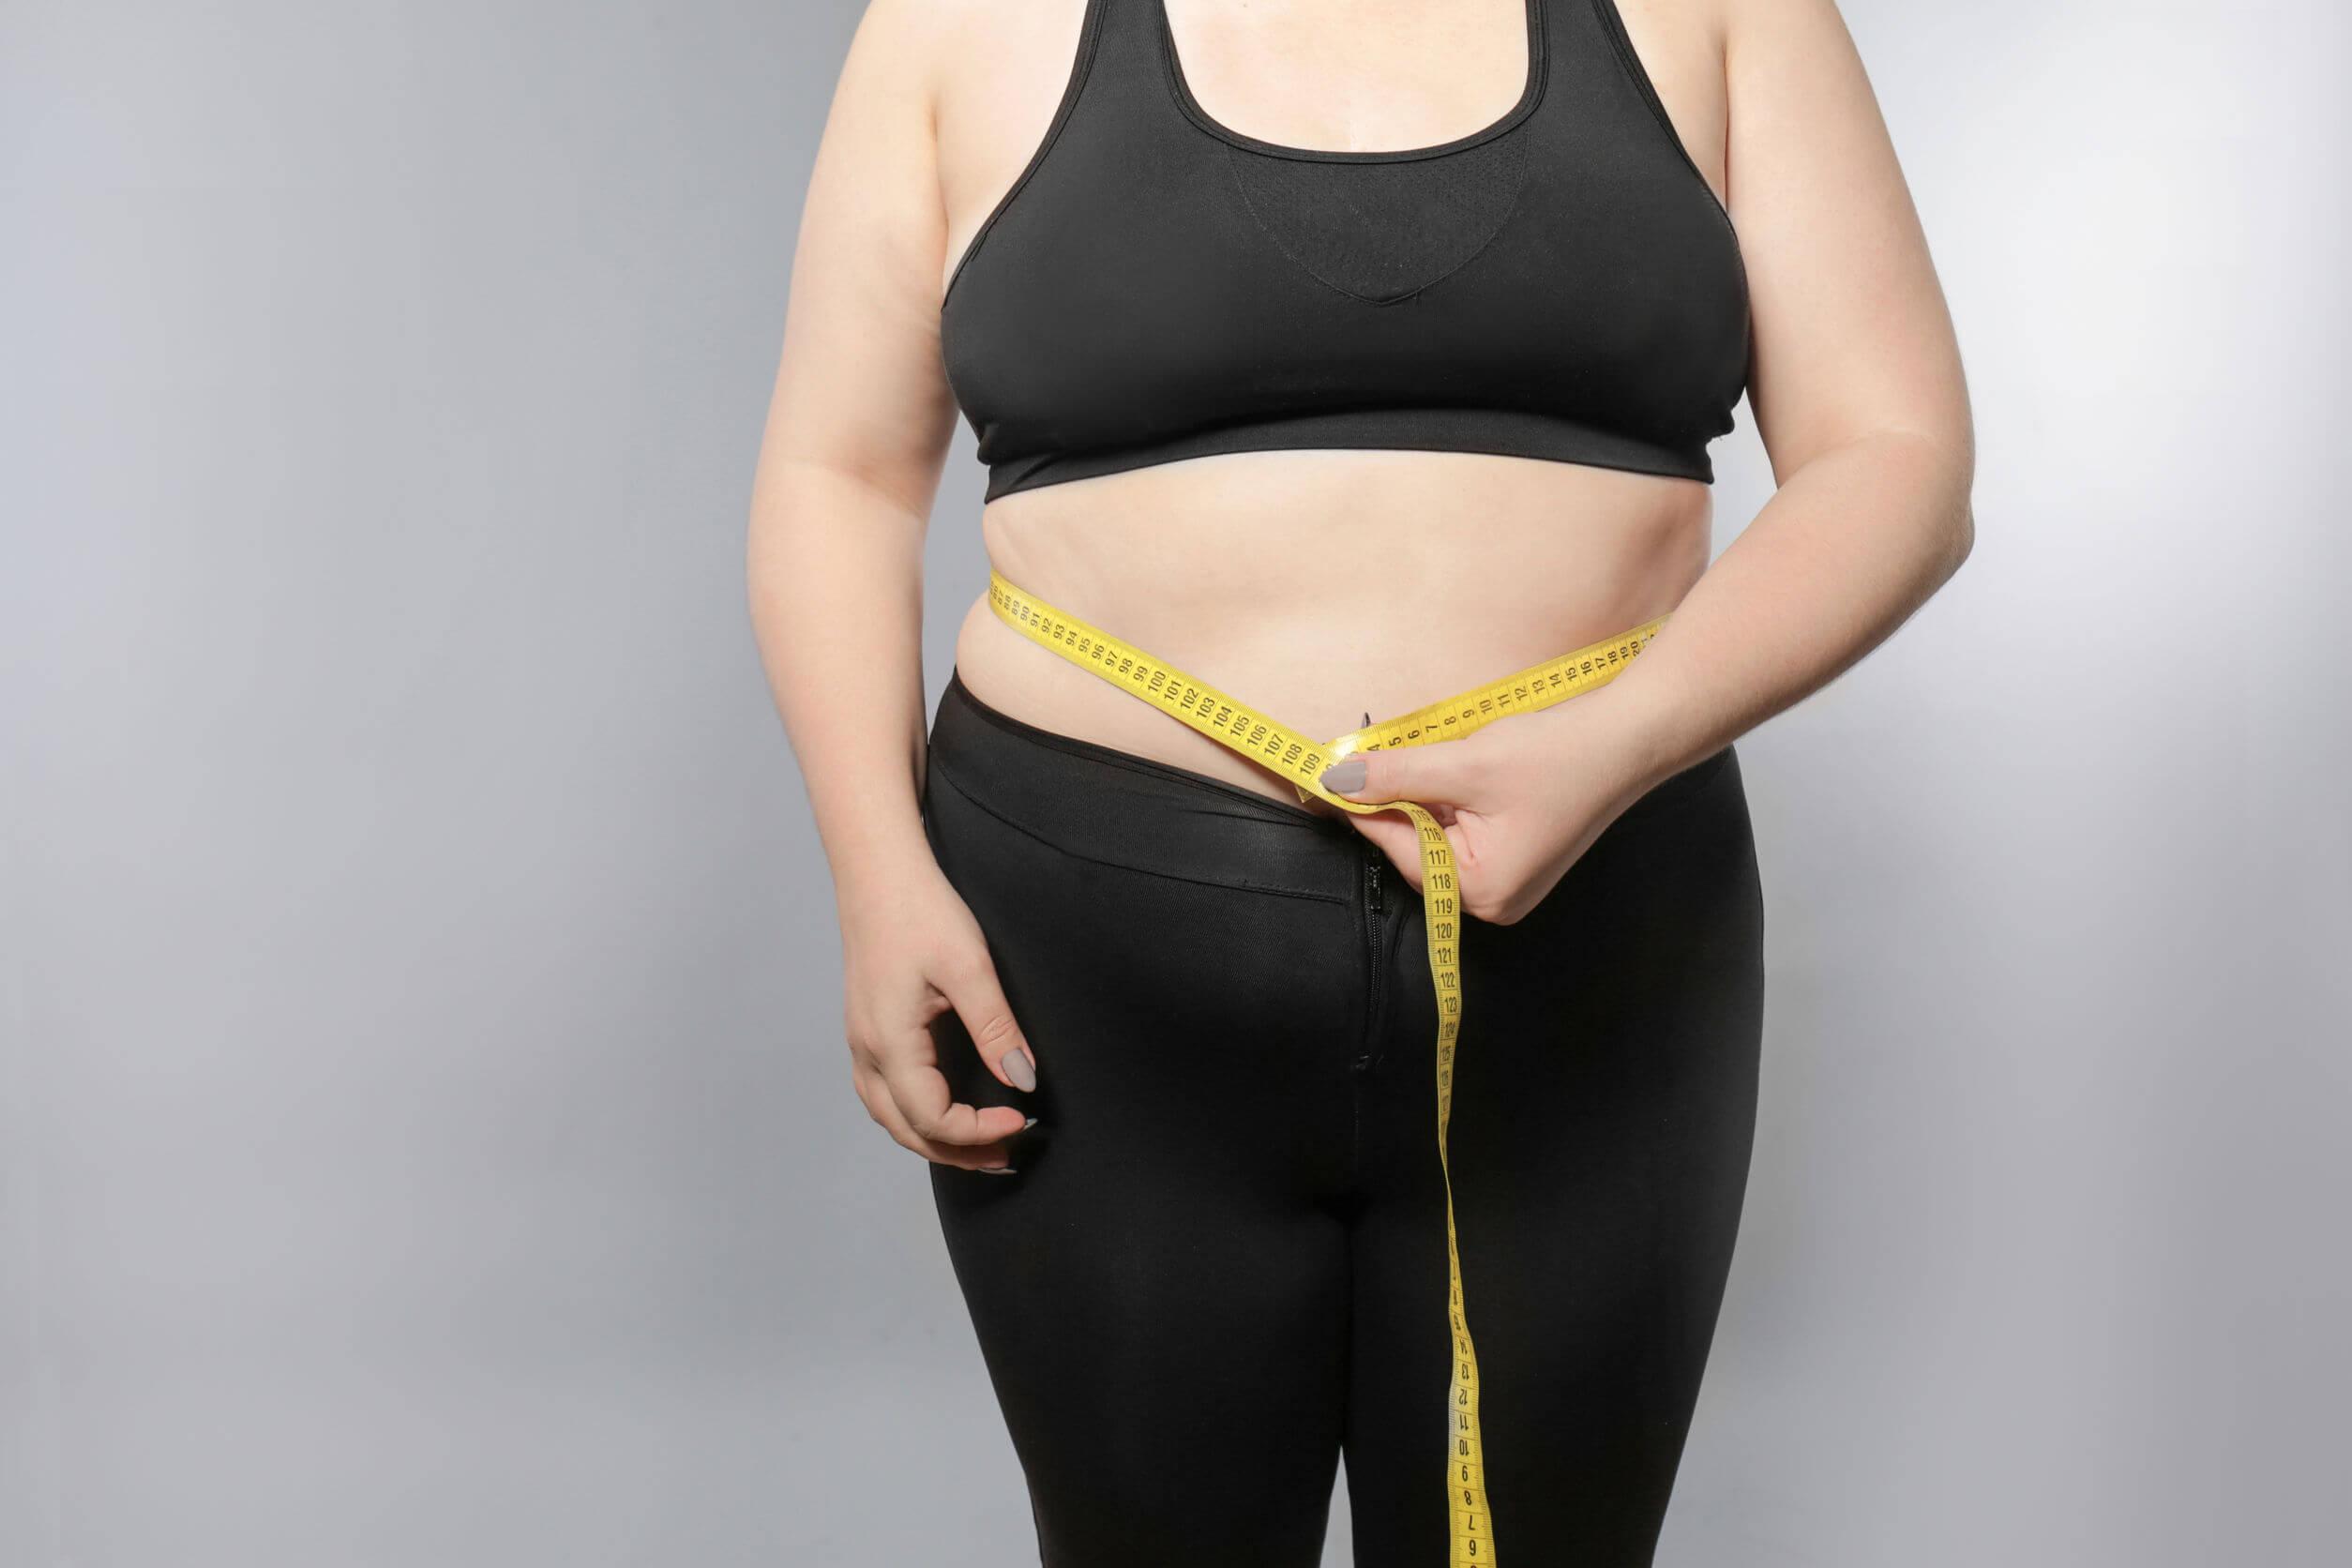 Índice de masa corporal (IMC): ¿qué es y cómo se calcula?